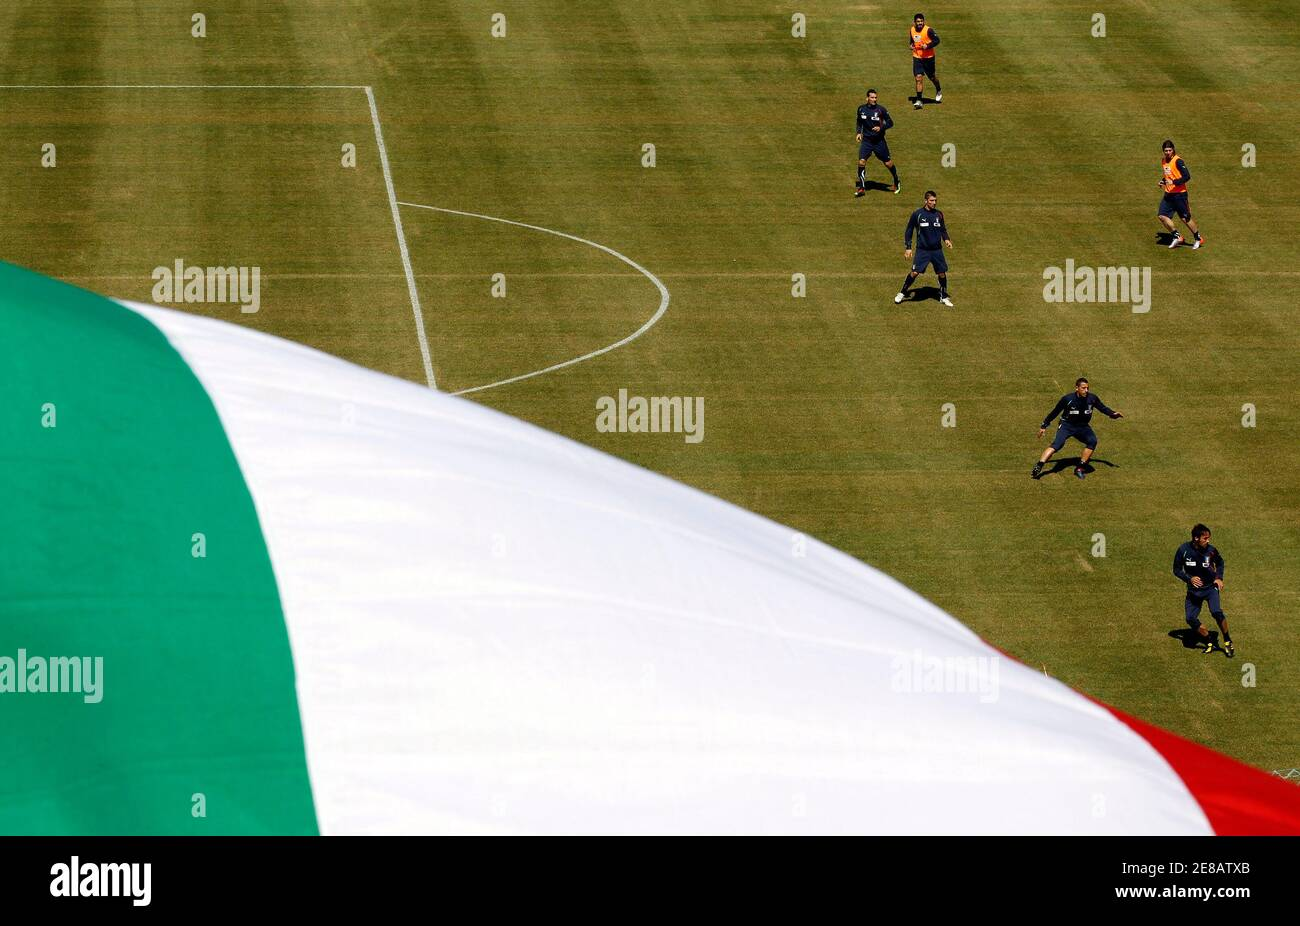 Una bandiera nazionale italiana vola mentre i giocatori di calcio italiani si allenano durante una sessione di allenamento mattutina a Sestriere il 24 maggio 2010. REUTERS/Alessandro Bianchi (ITALIA - TAGS: SPORT CALCIO MONDO FOTO DEL GIORNO) Foto Stock